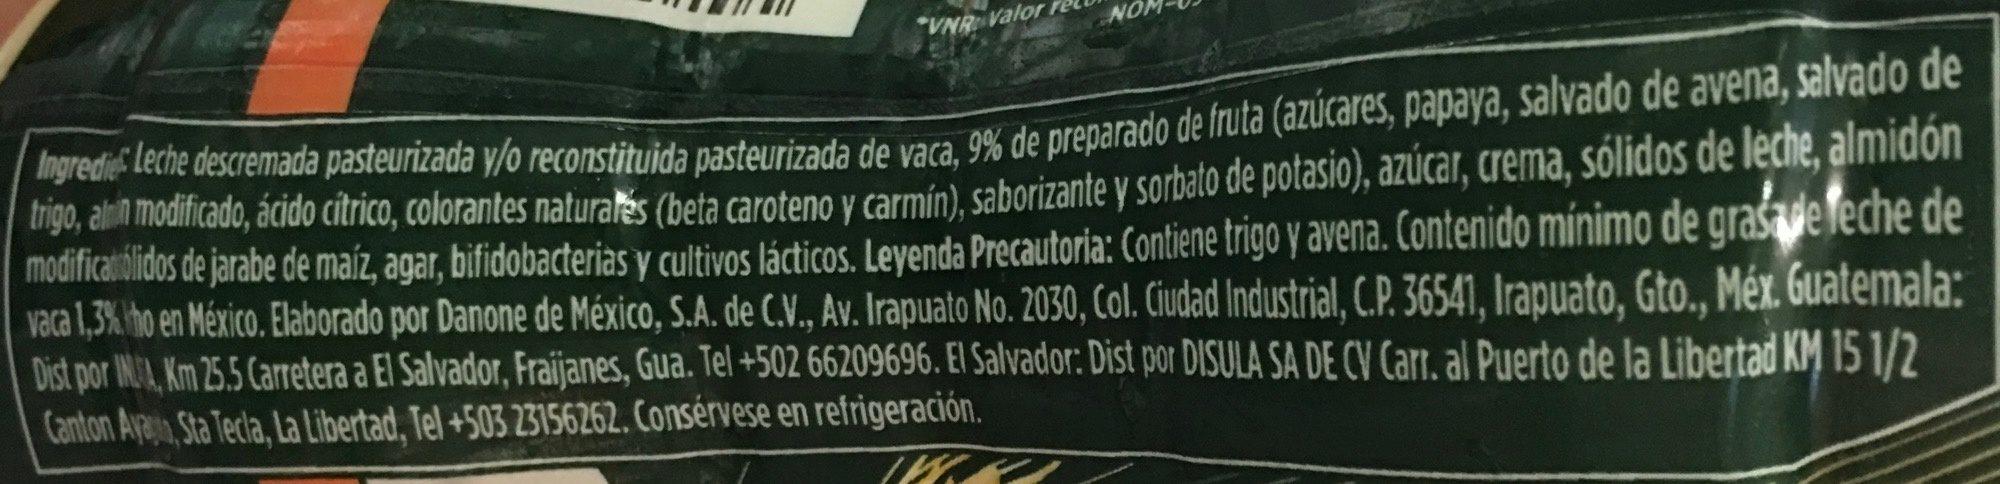 Activia papaya y cereales Danone - Ingrediënten